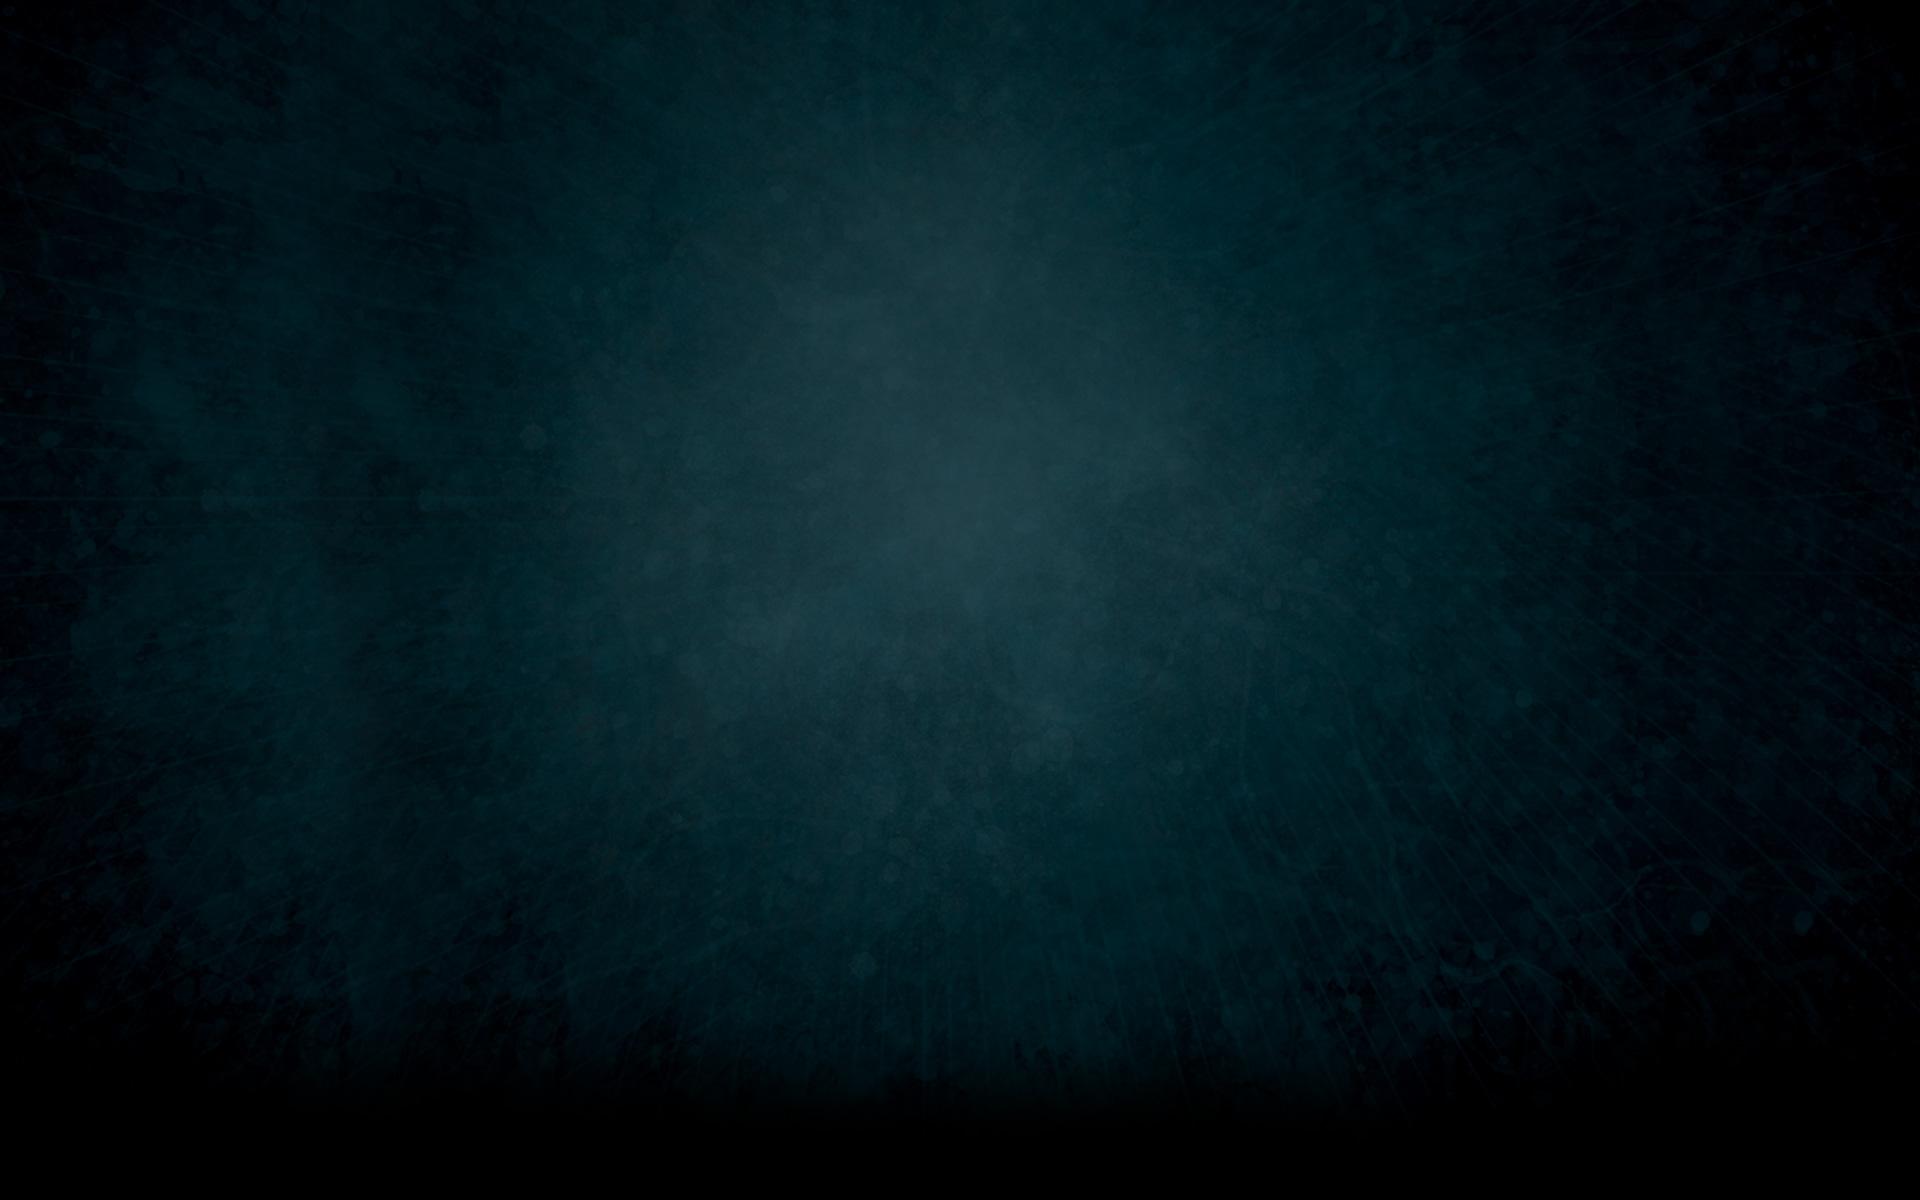 Navy Blue Wallpaper   Widescreen HD Wallpapers 1920x1200